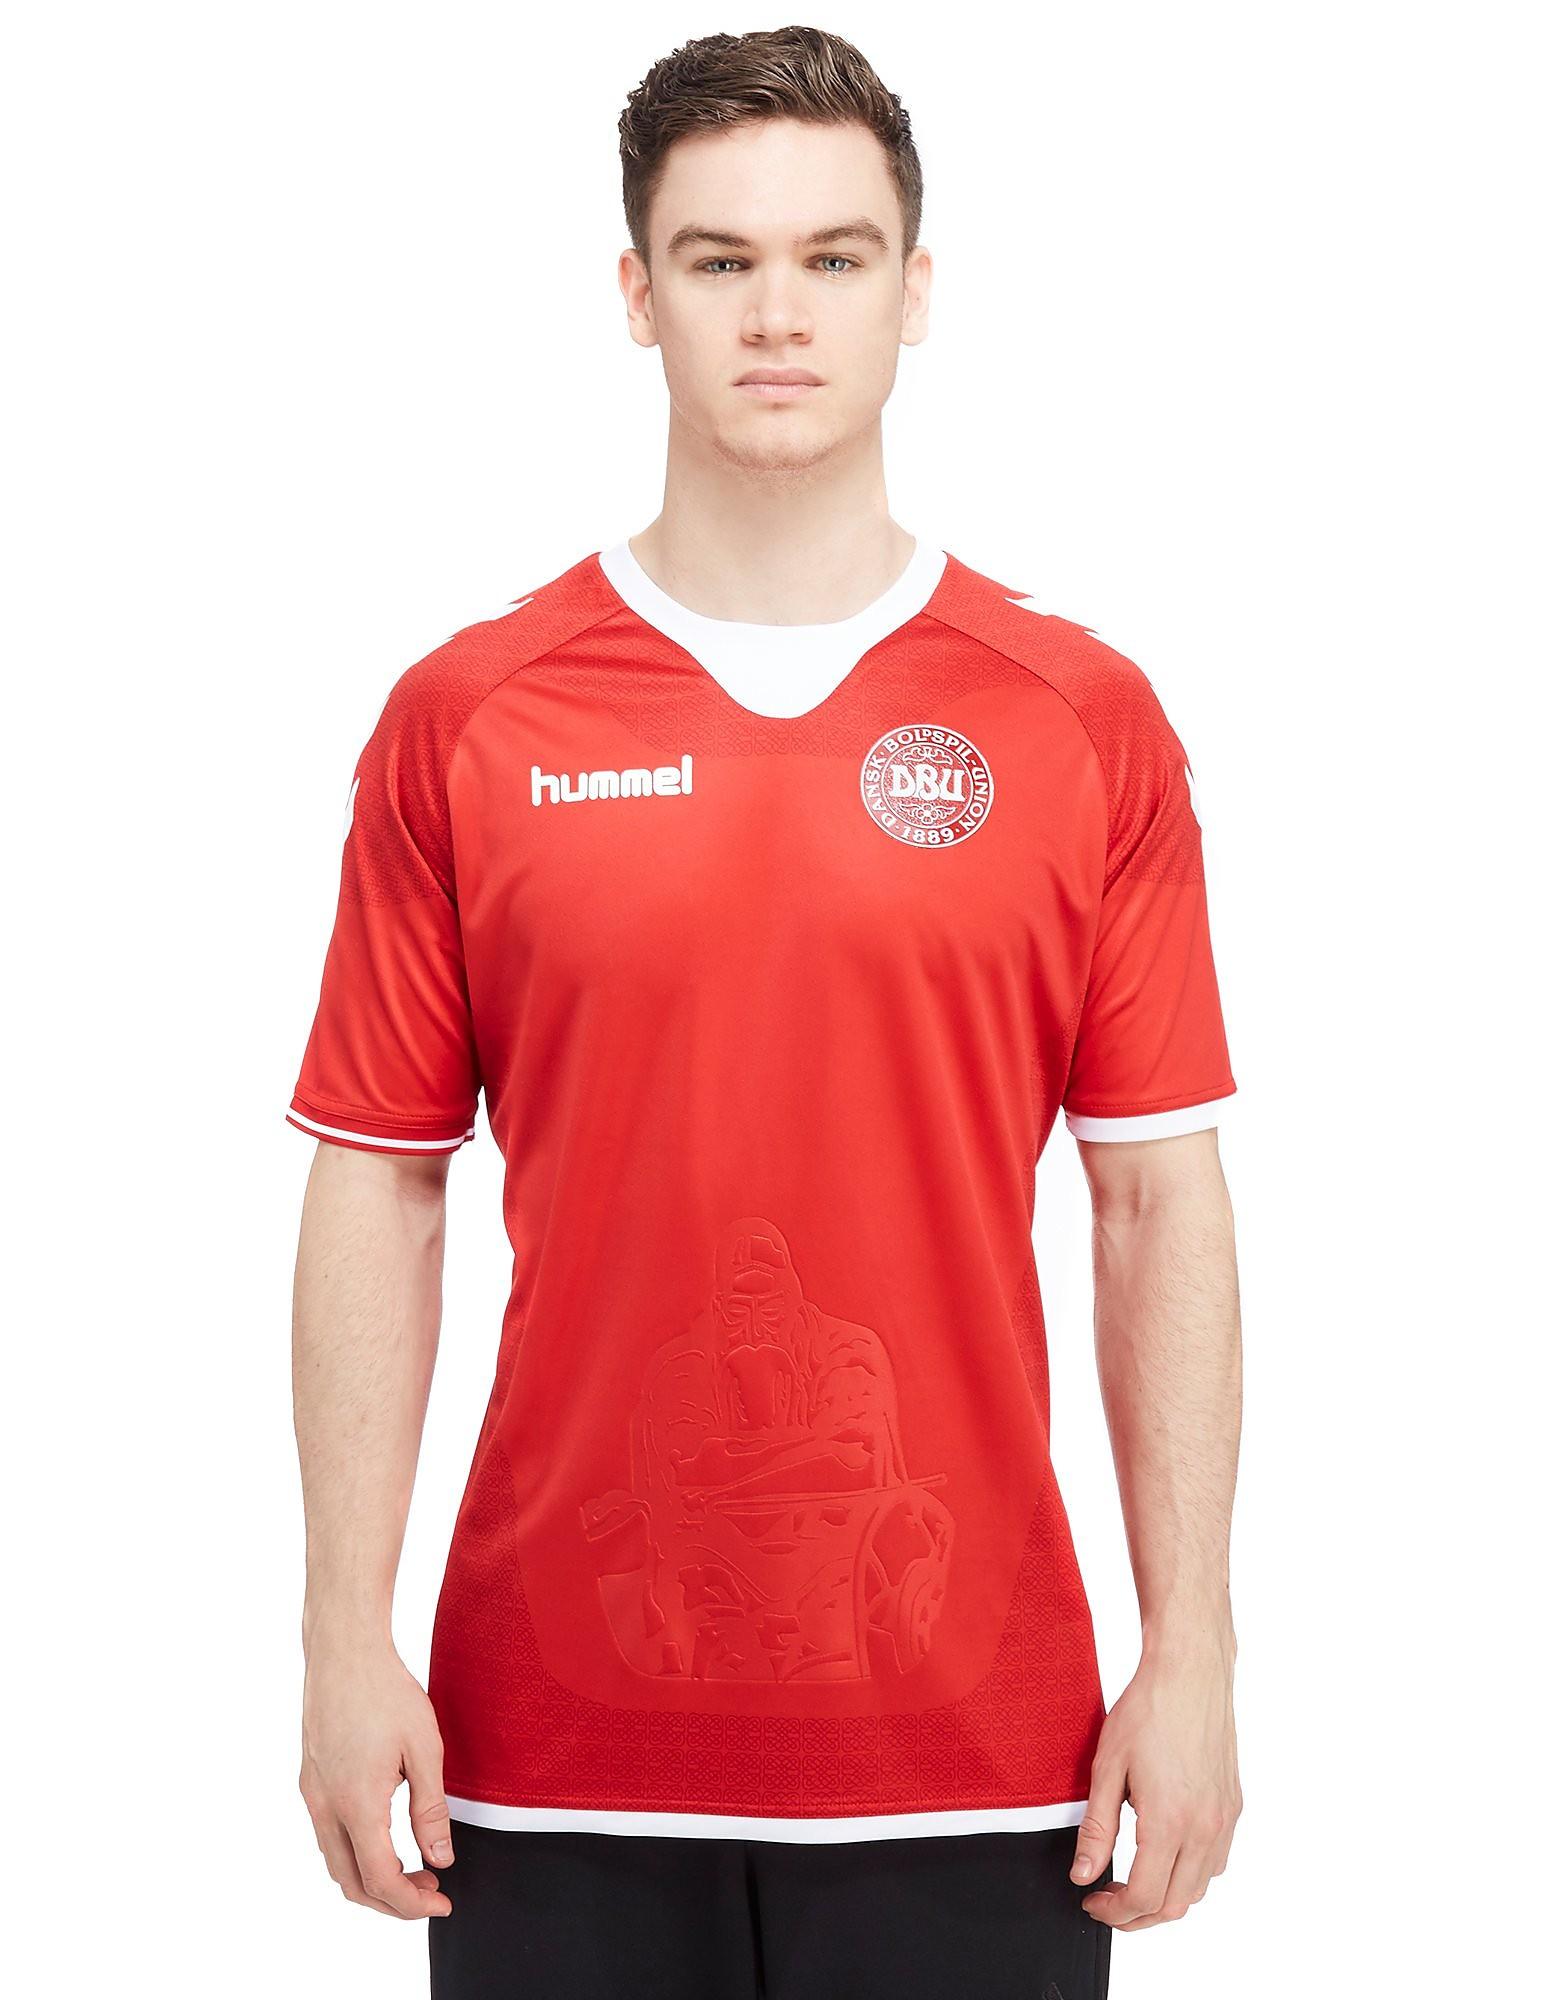 Hummel Denmark 2016/17 Home Shirt